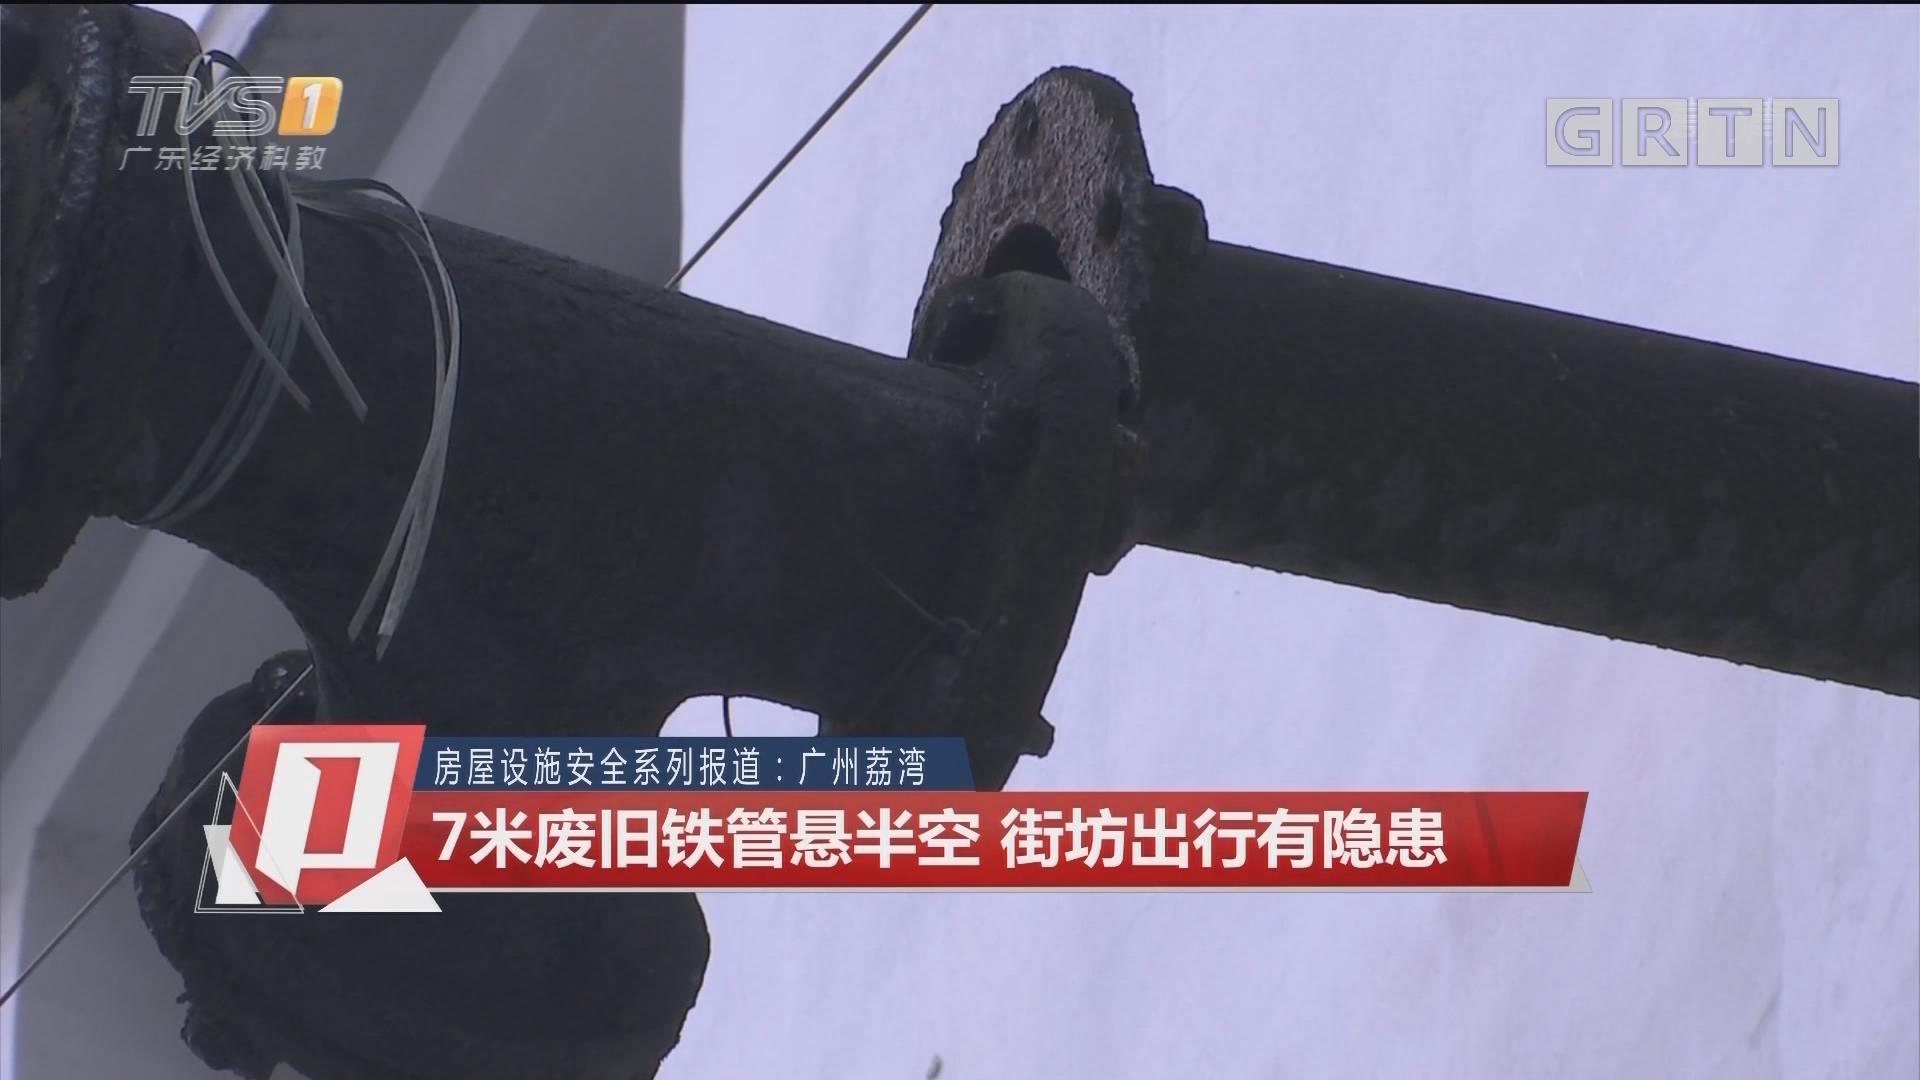 房屋设施安全系列报道:广州荔湾:7米废旧铁管悬半空 街坊出行有隐患